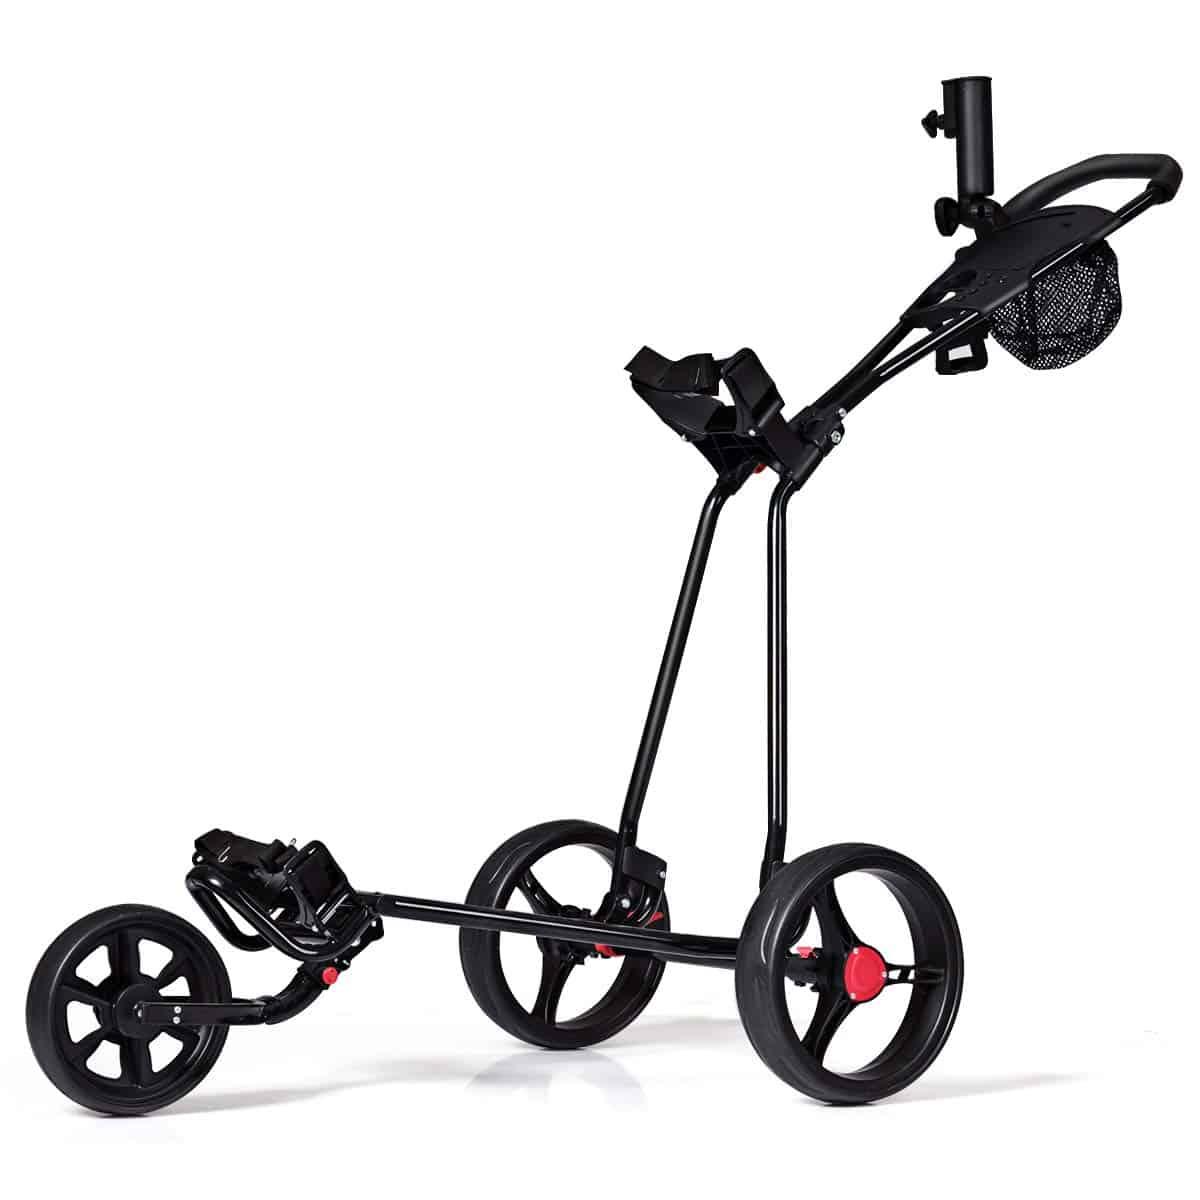 Tangkula Golf Cart Review